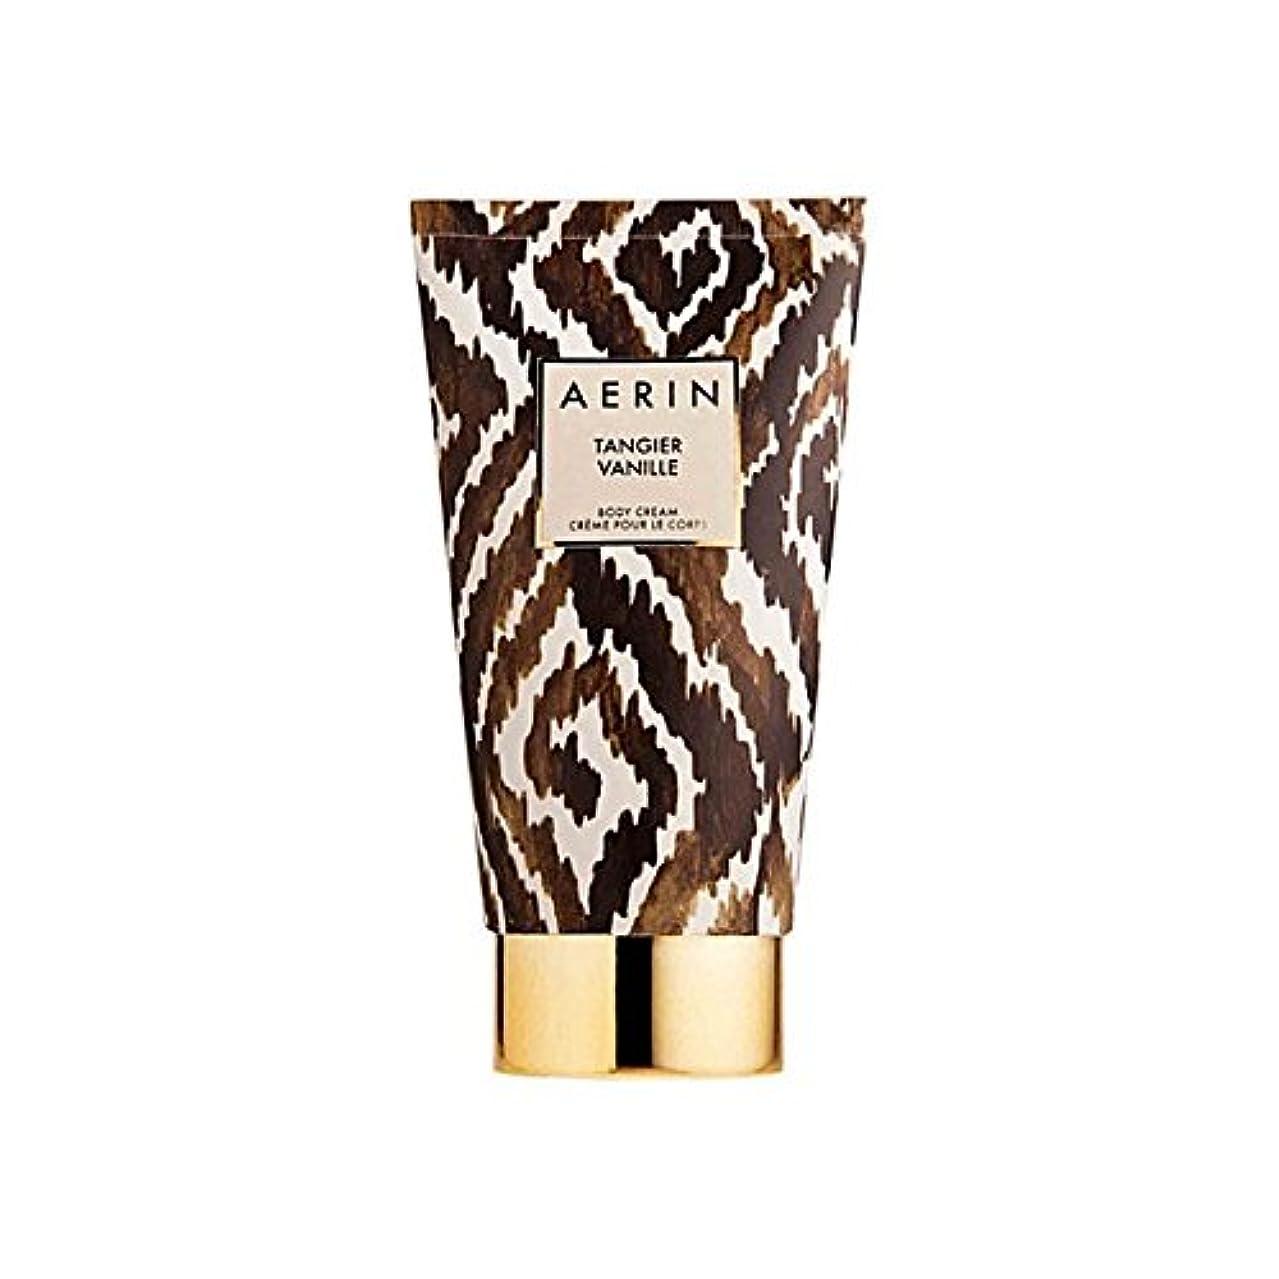 ペンフレンド黙ビデオタンジールヴァニラボディクリーム x2 - Aerin Tangier Vanille Body Cream (Pack of 2) [並行輸入品]